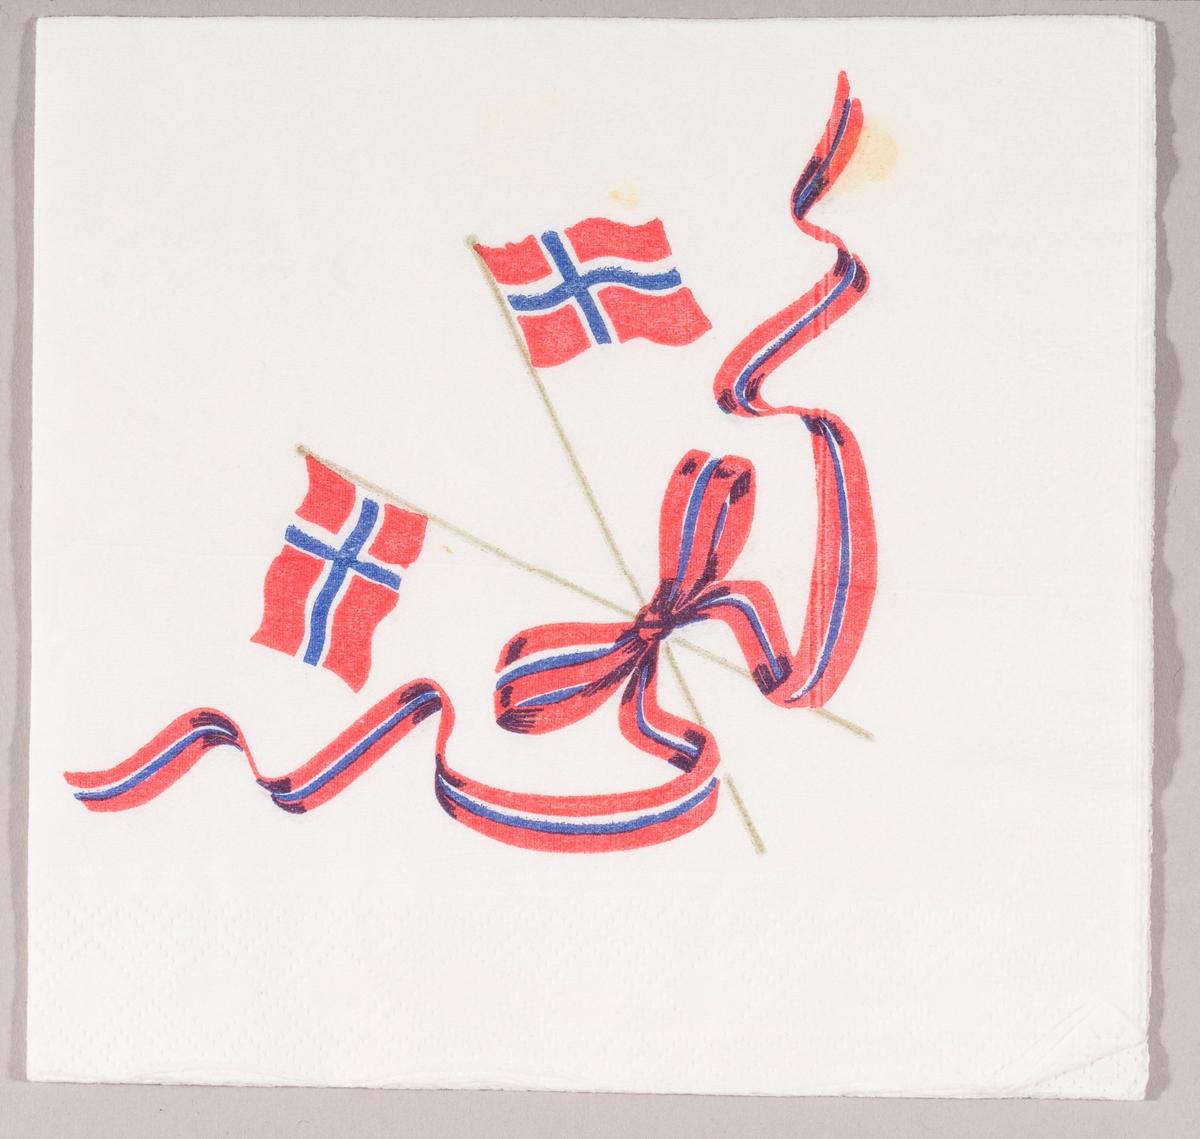 To norske flagg i kryss. Et bånd i blått, rødt og hvitt med sløyfe.